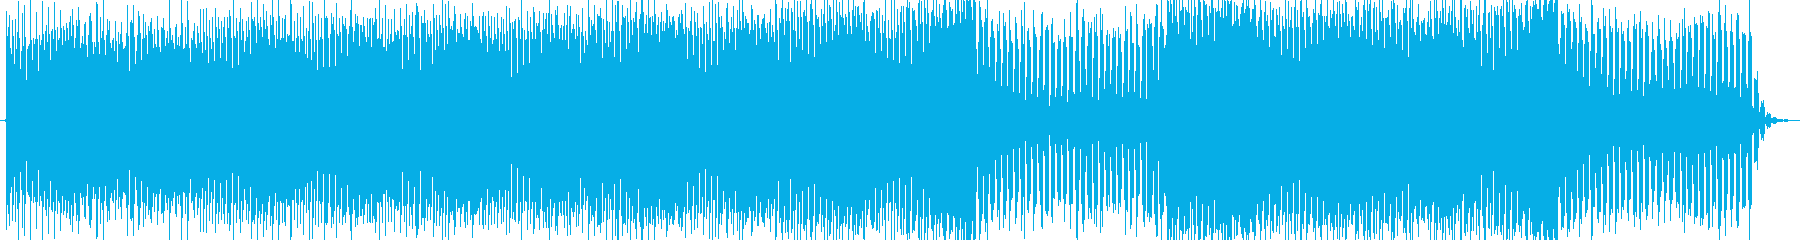 近未来感のあるコードのハウスBGMの再生済みの波形